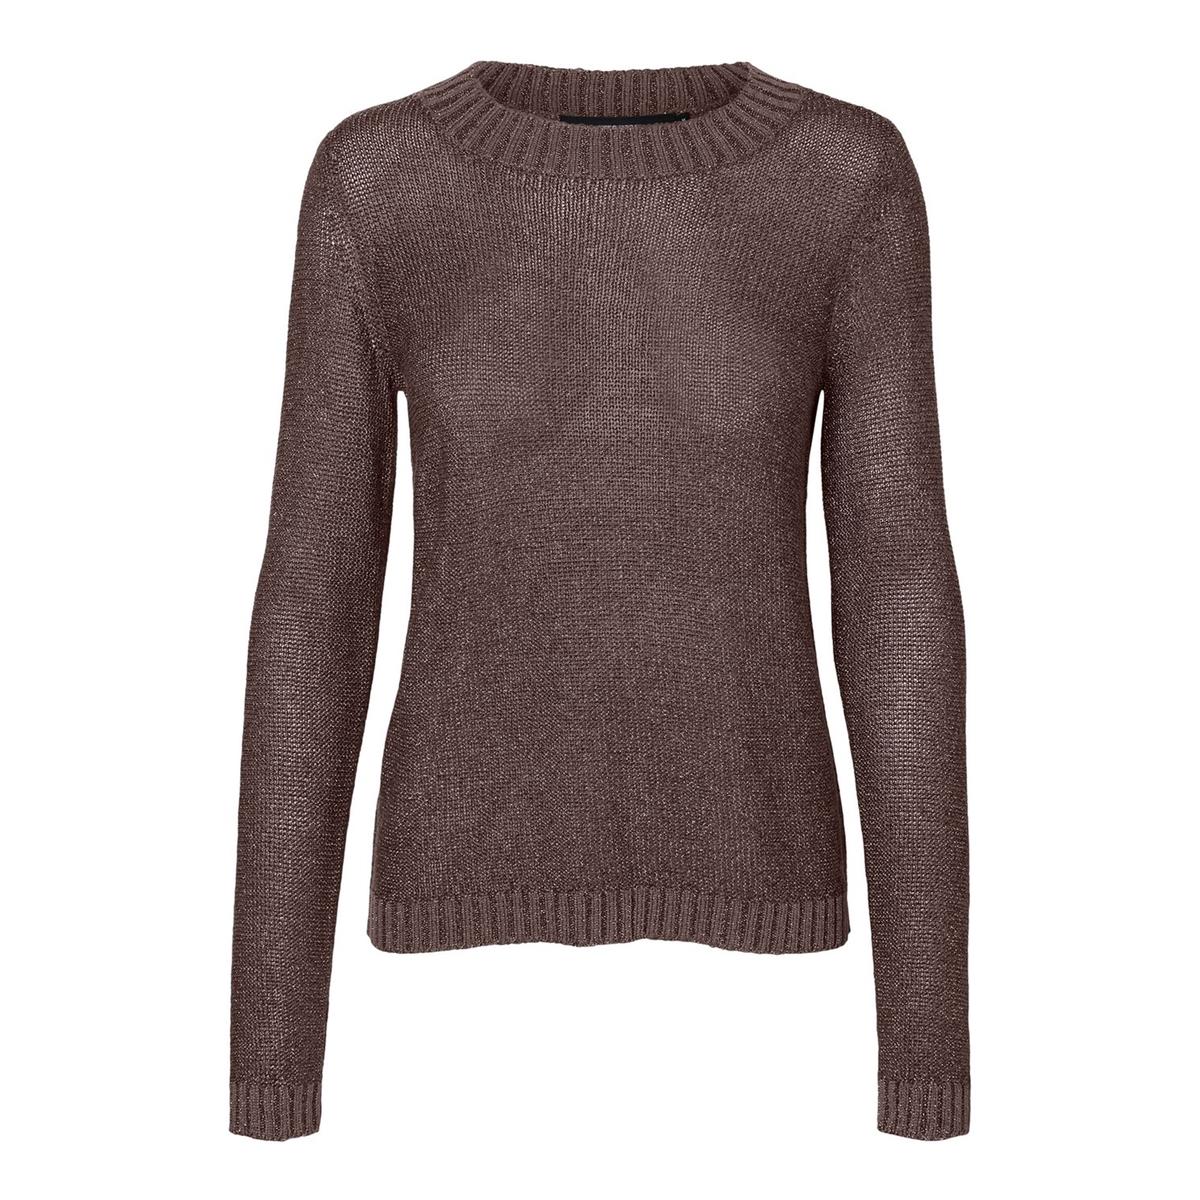 Пуловер La Redoute С круглым вырезом с волокнами с металлическим блеском M каштановый цены